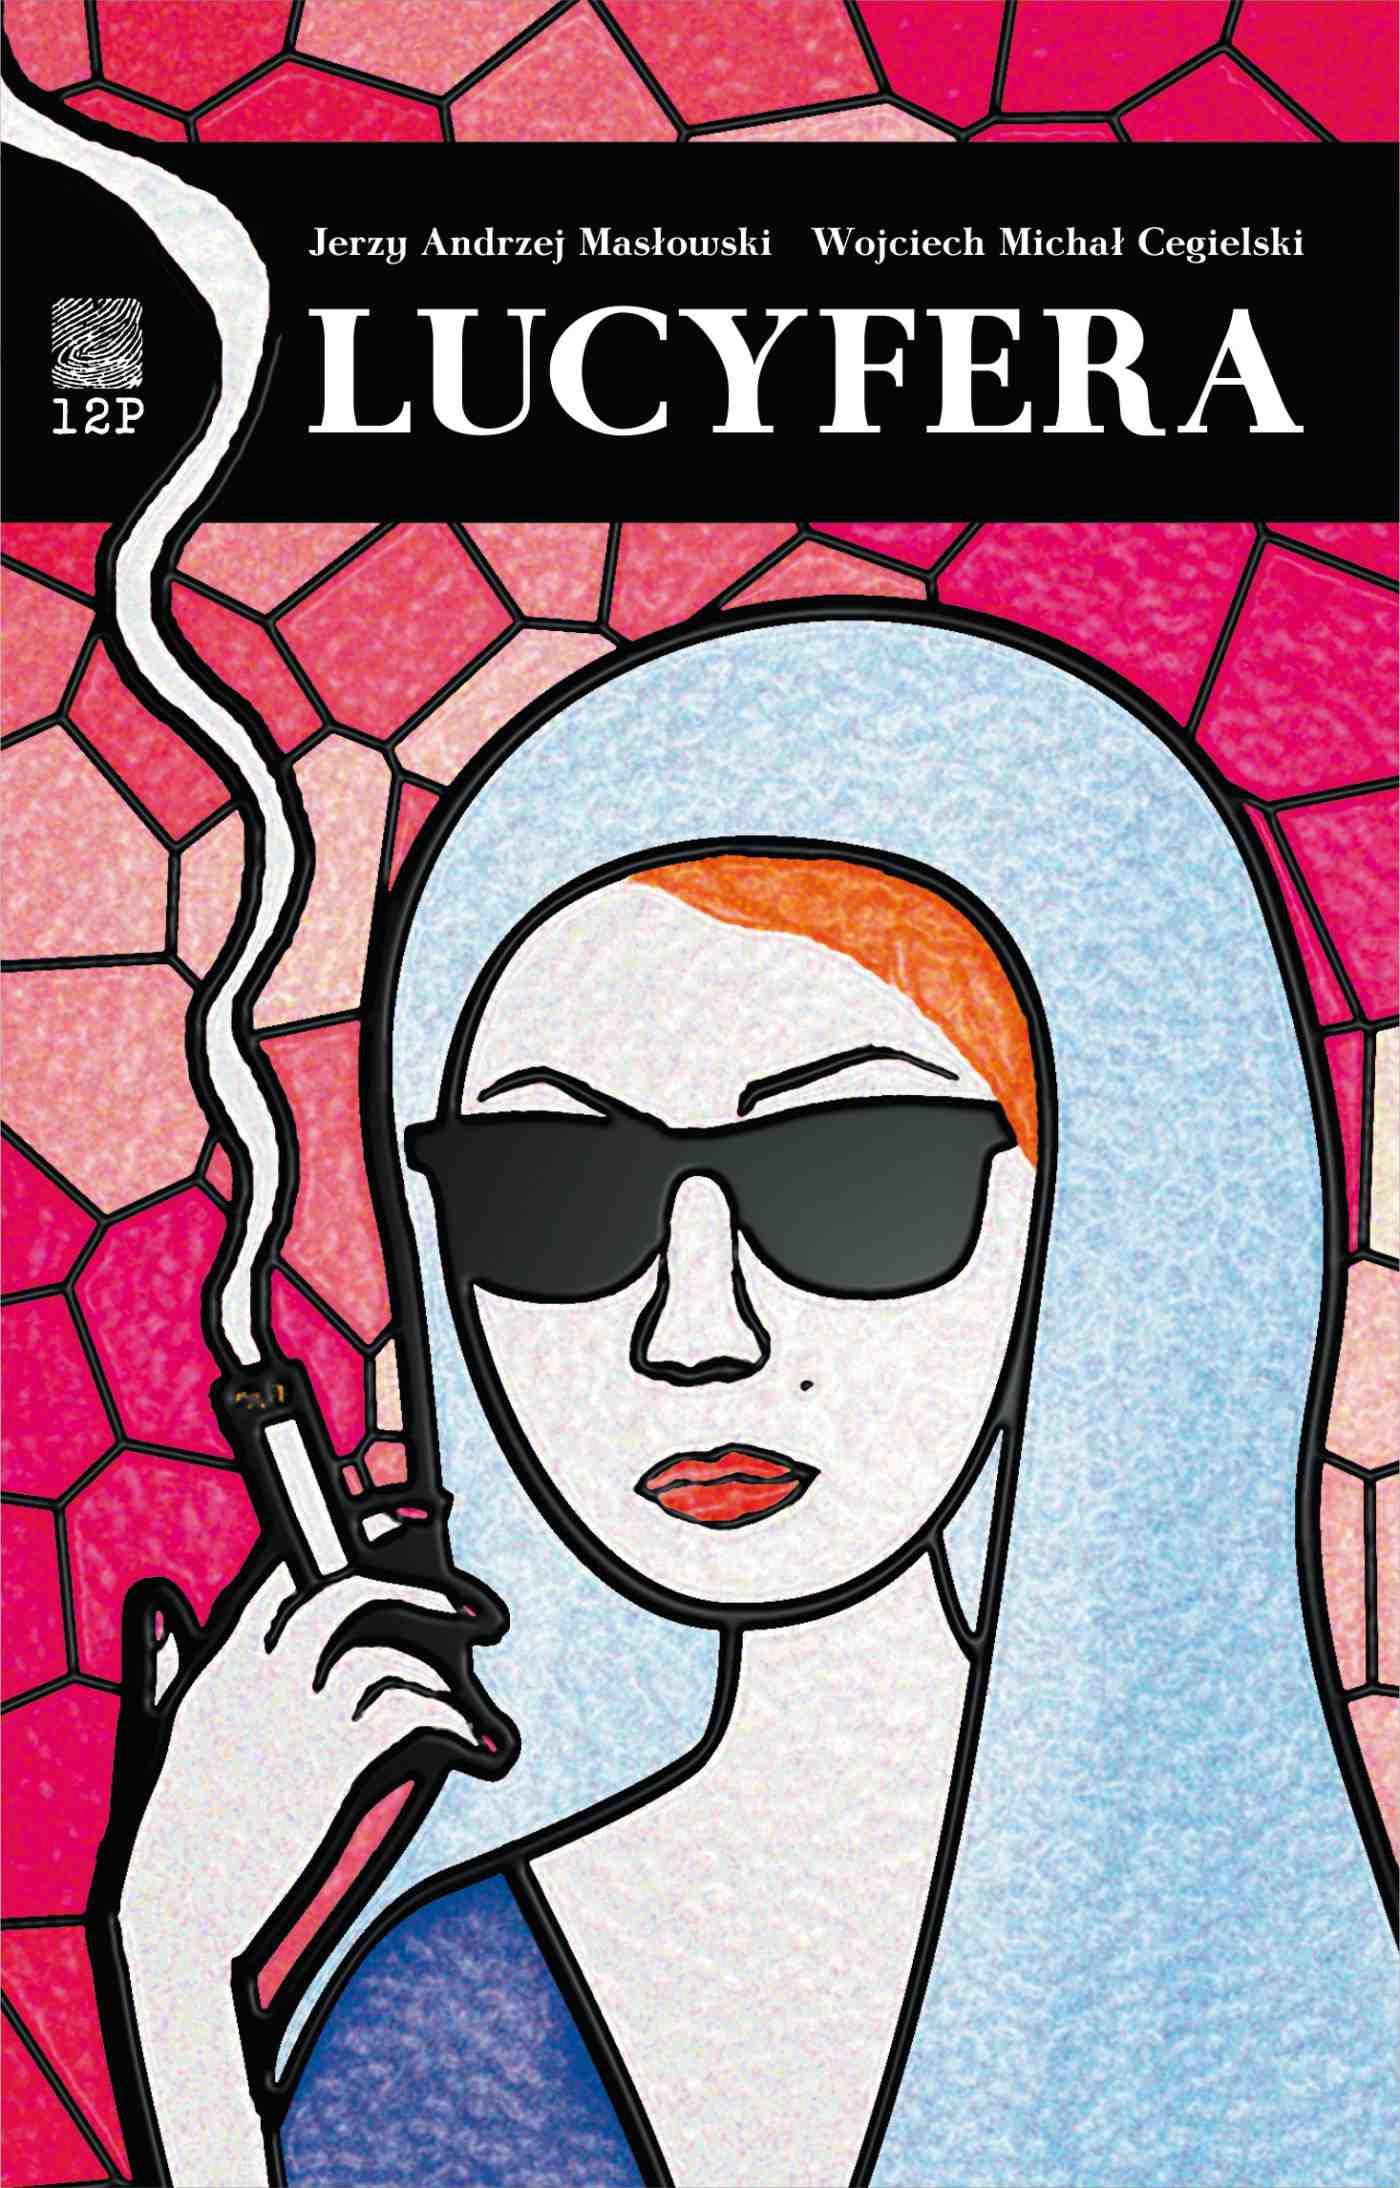 Lucyfera - Ebook (Książka EPUB) do pobrania w formacie EPUB